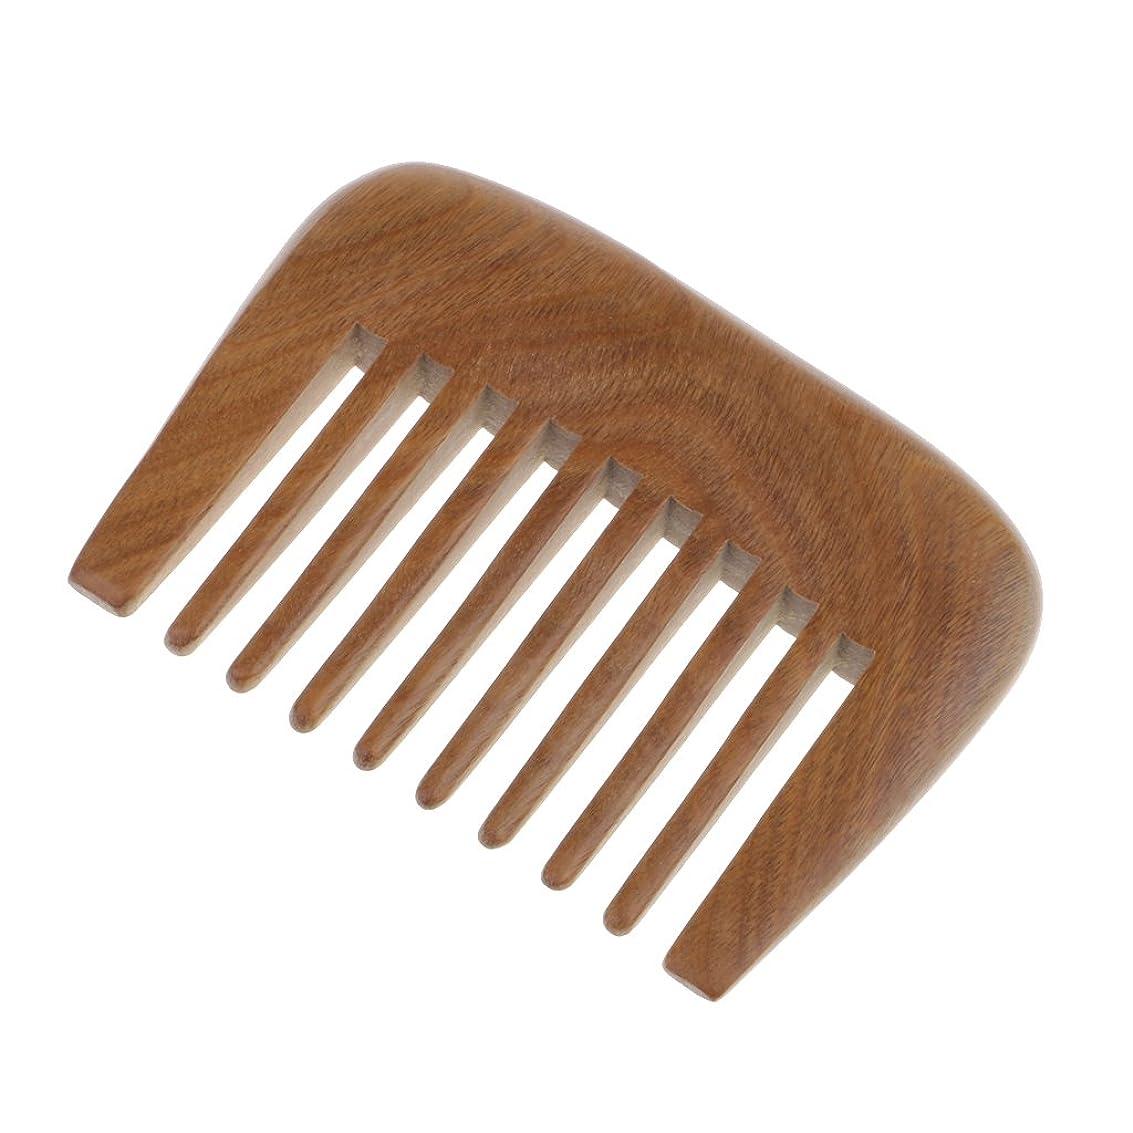 インフルエンザセンチメートル指CUTICATE 天然木広い歯の櫛Detanglerブラシ帯電防止グリーンビャクダン